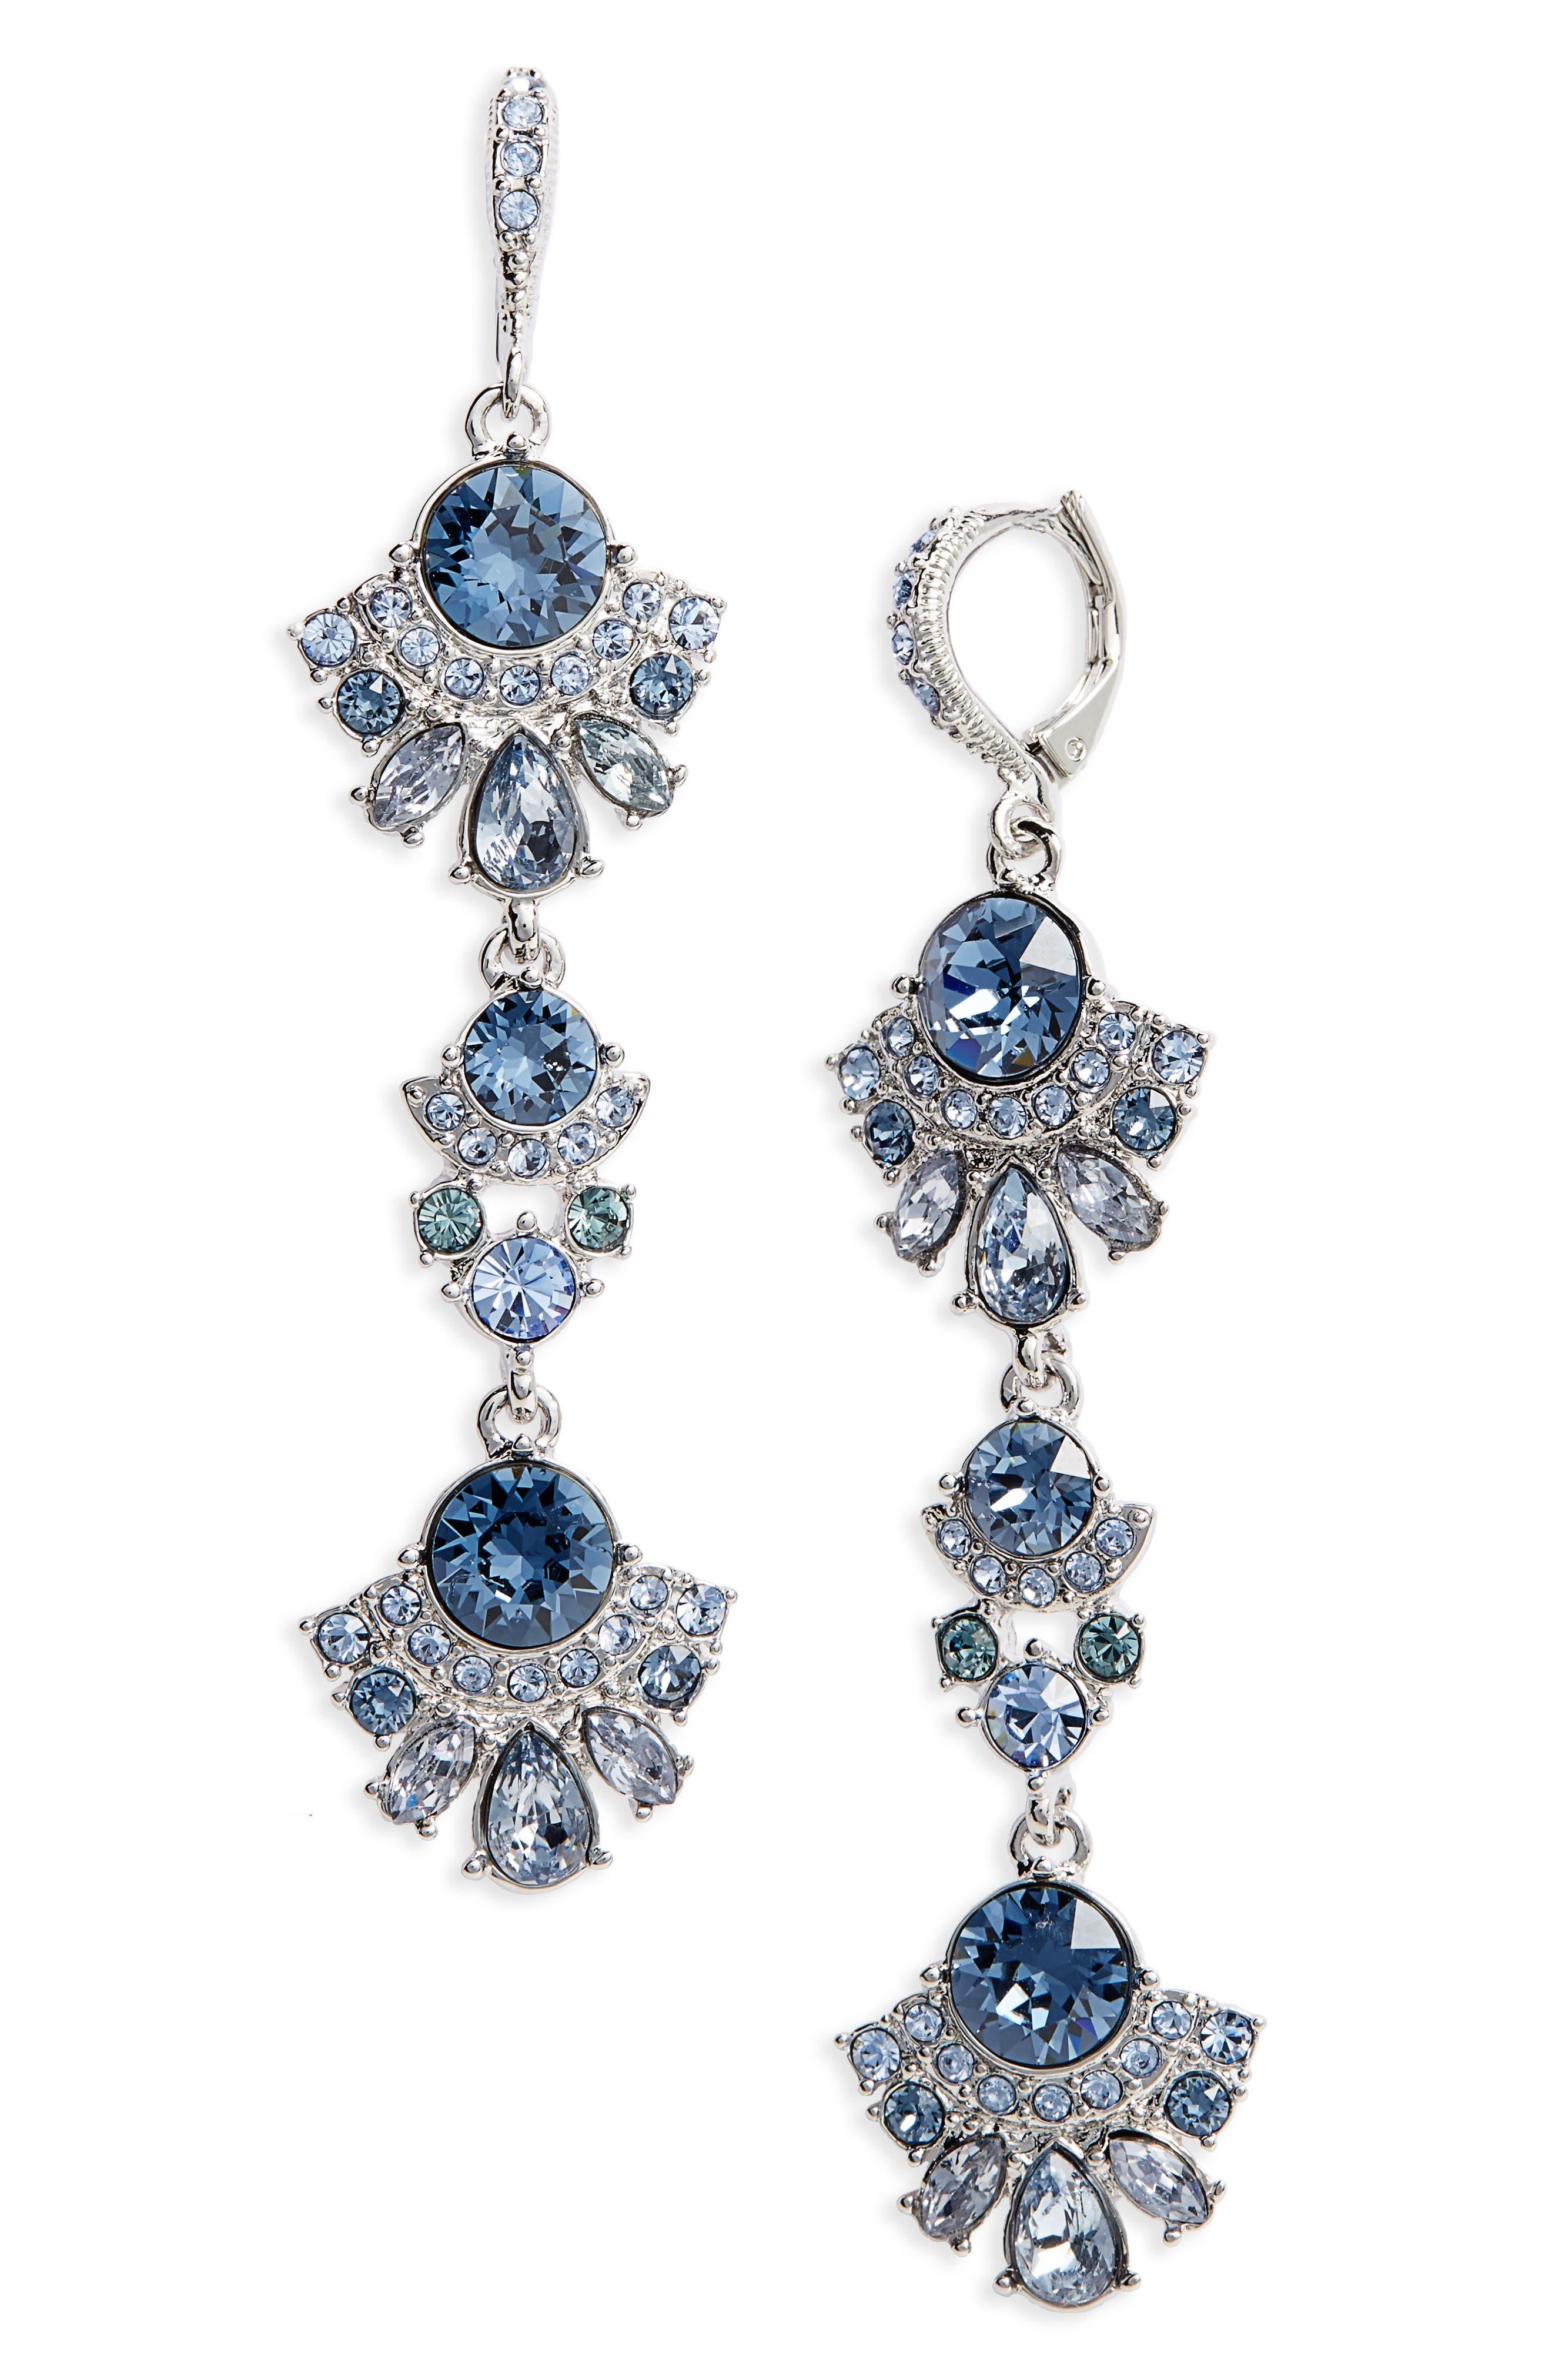 Verona Linear Earrings,                             Main thumbnail 1, color,                             Blue / Silver